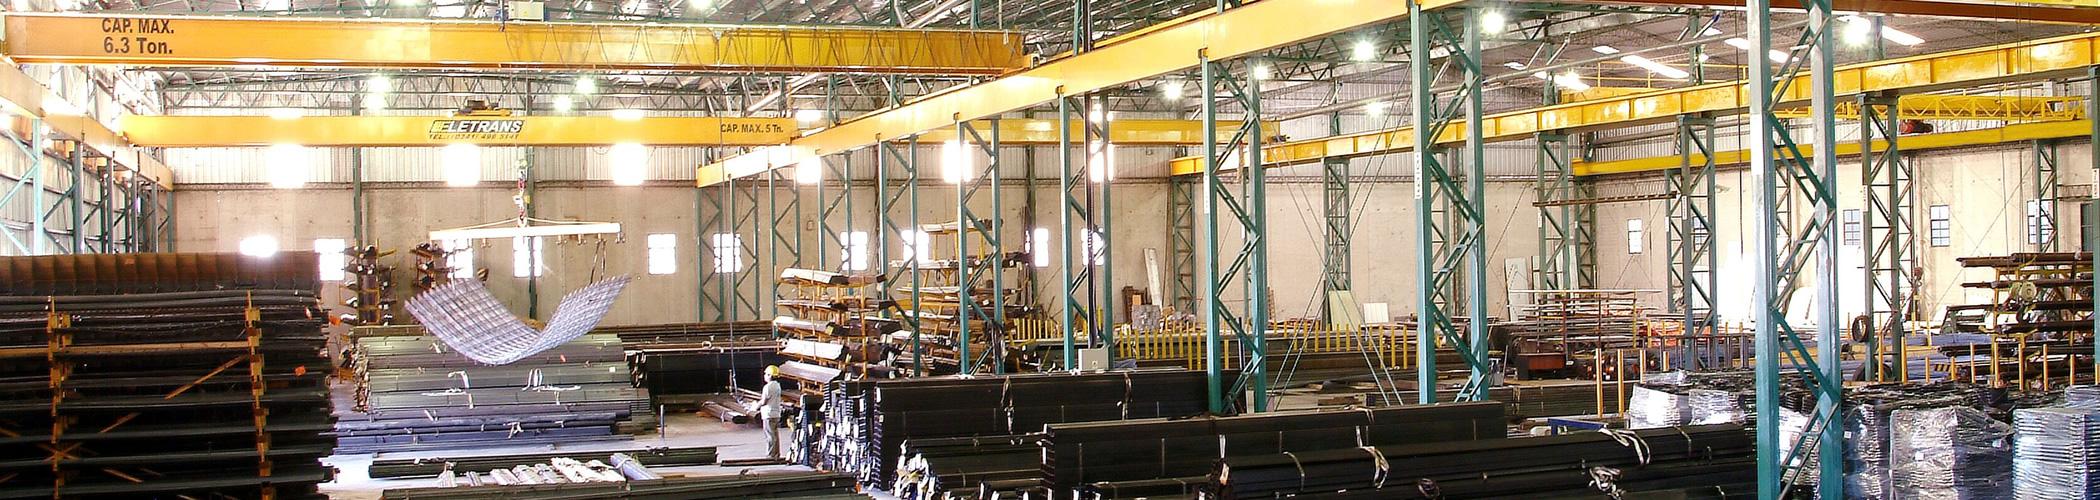 Insumos siderúrgicos para el agro y la industria - Fabaher S.A.